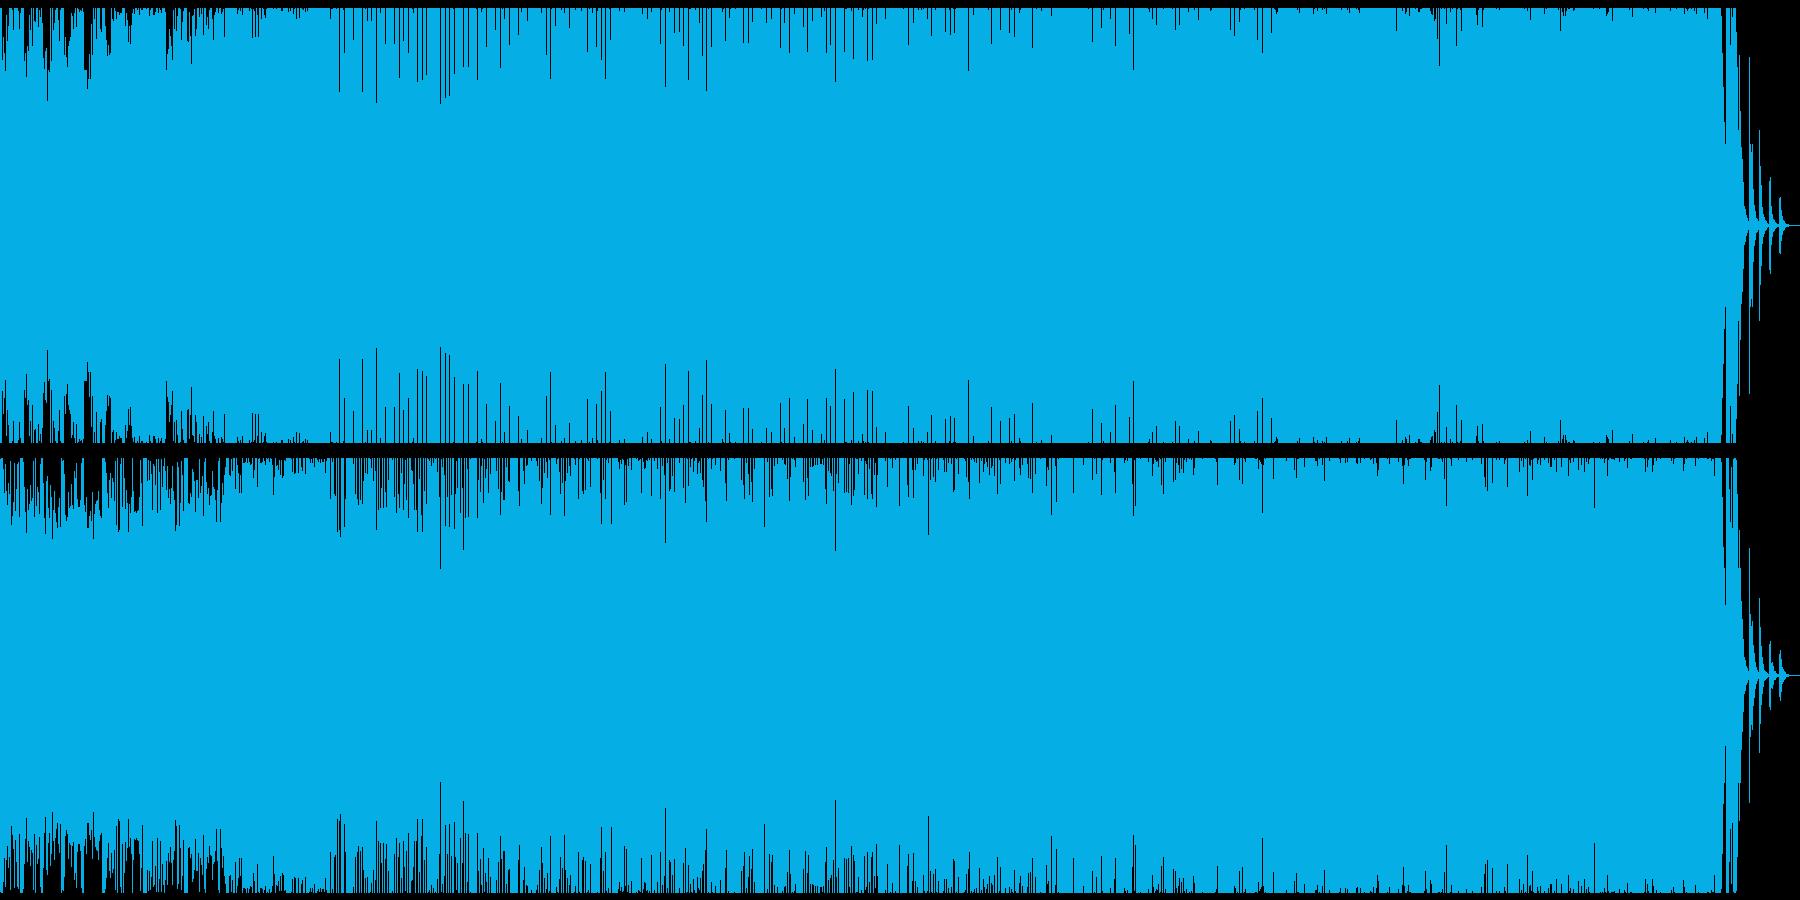 ダークなハリウッド風のサウンドトラックの再生済みの波形